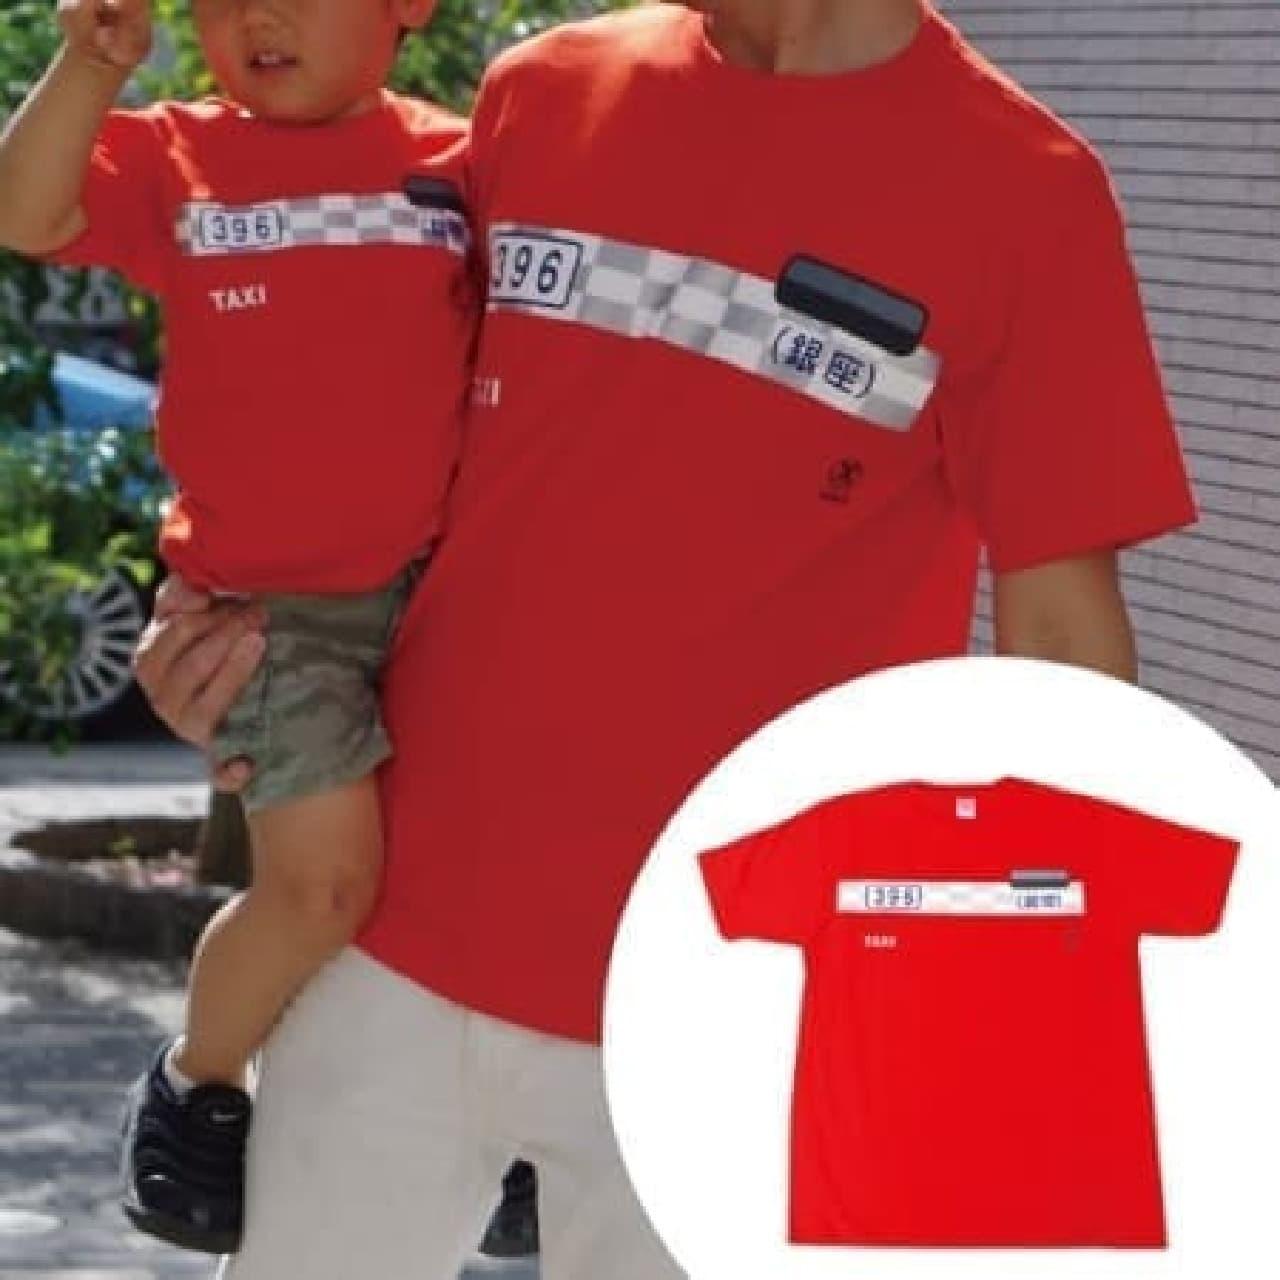 親子でタクシーになれるTシャツ(各3,500円)